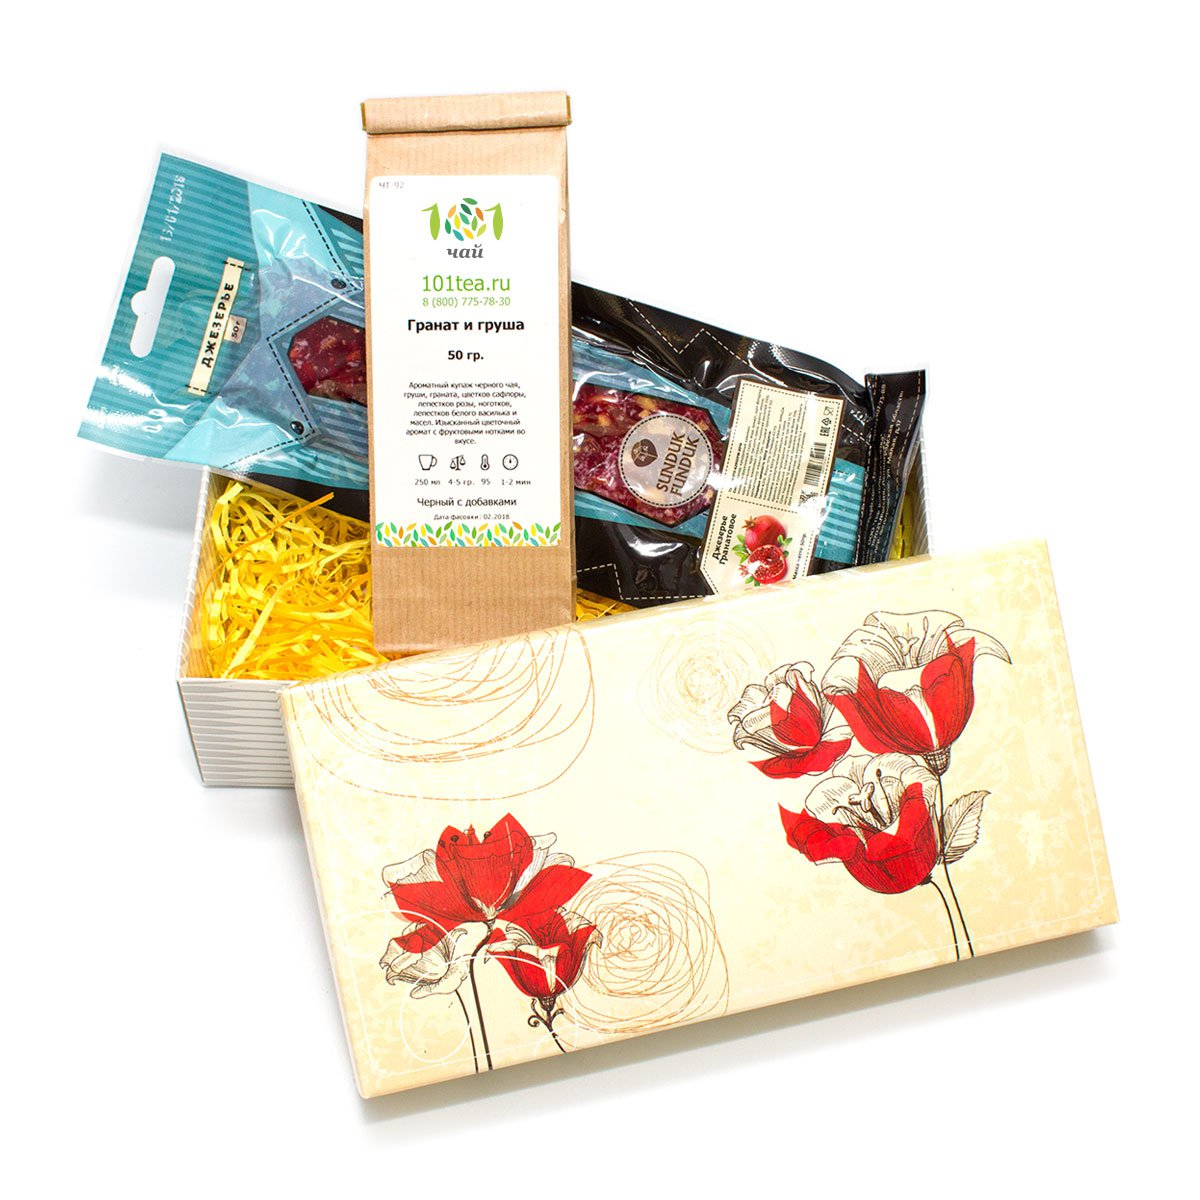 """Подарочный набор чая """"Гранатовый браслет"""" от 101 Чай"""